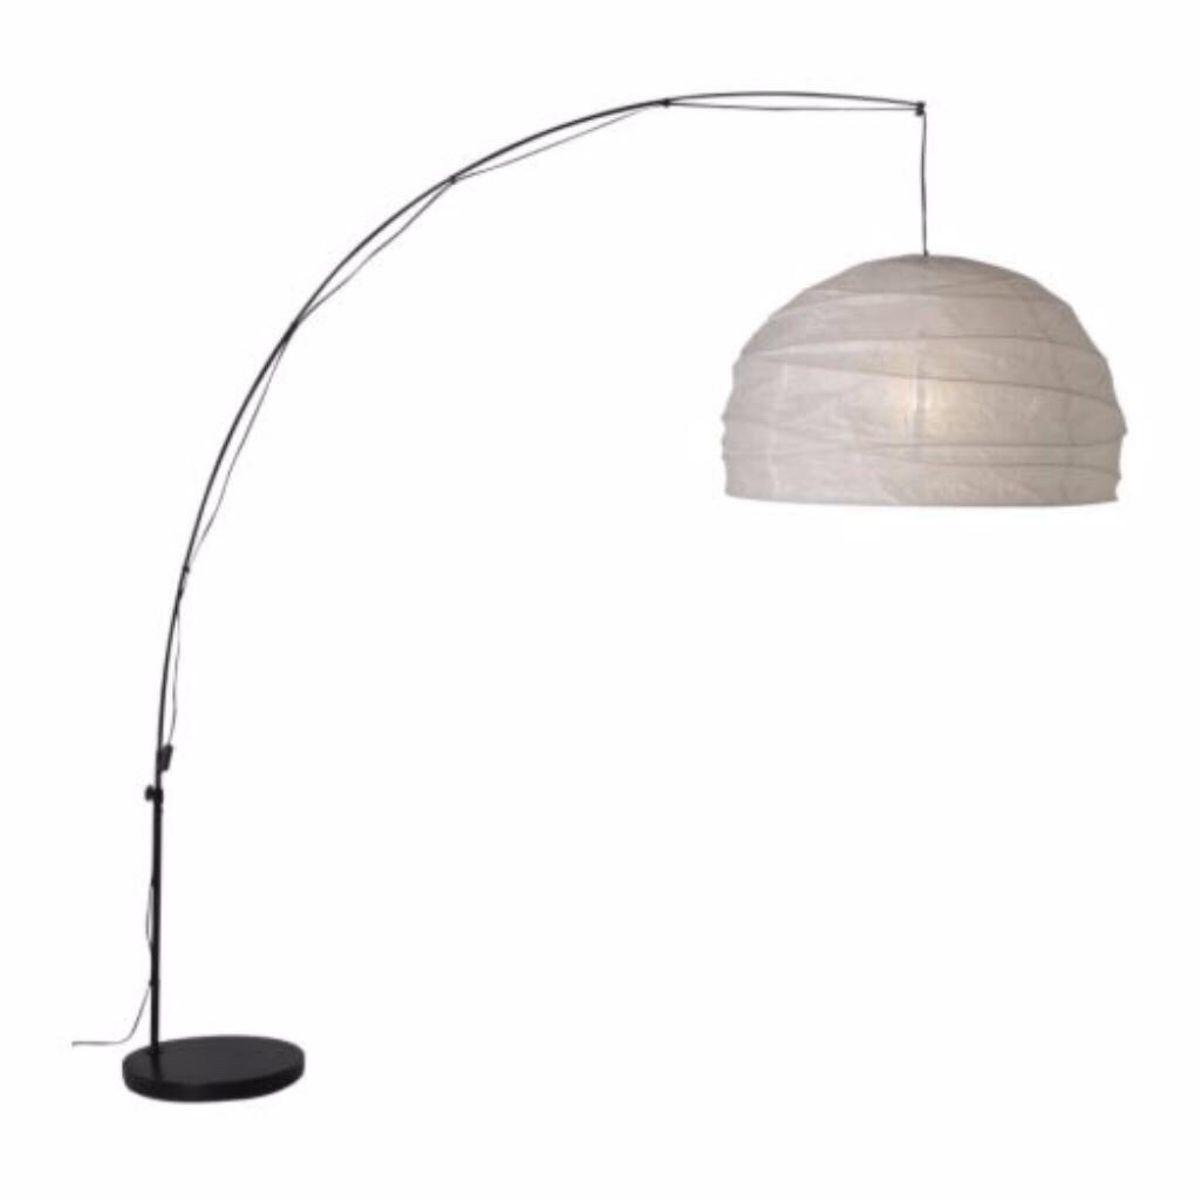 Ersatz Ikea Stehlampe Papier